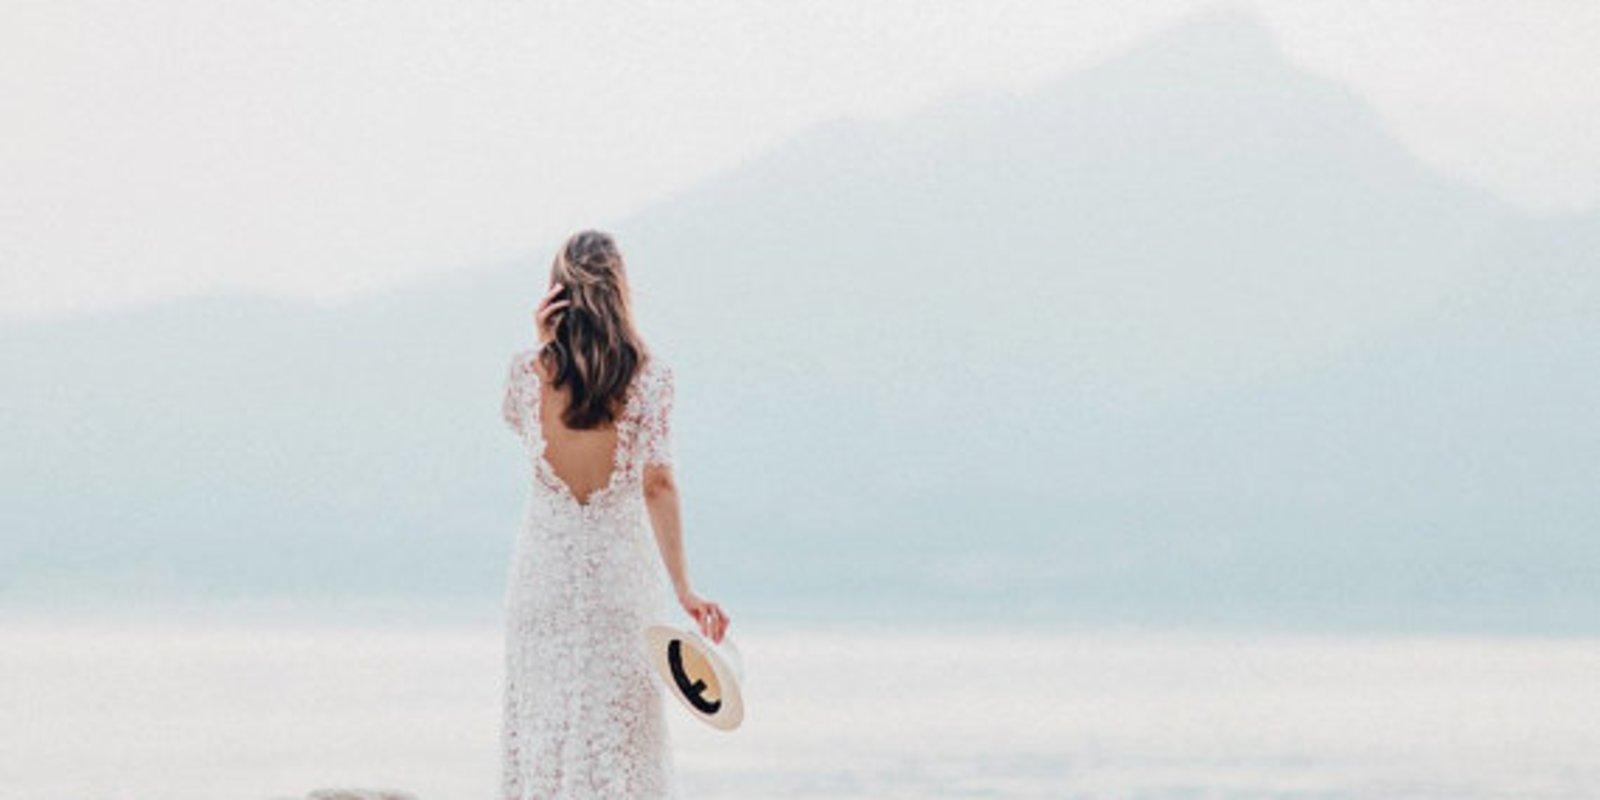 Sonderurlaub Hochzeit Anspruch Auf Freistellung Von Der Arbeit